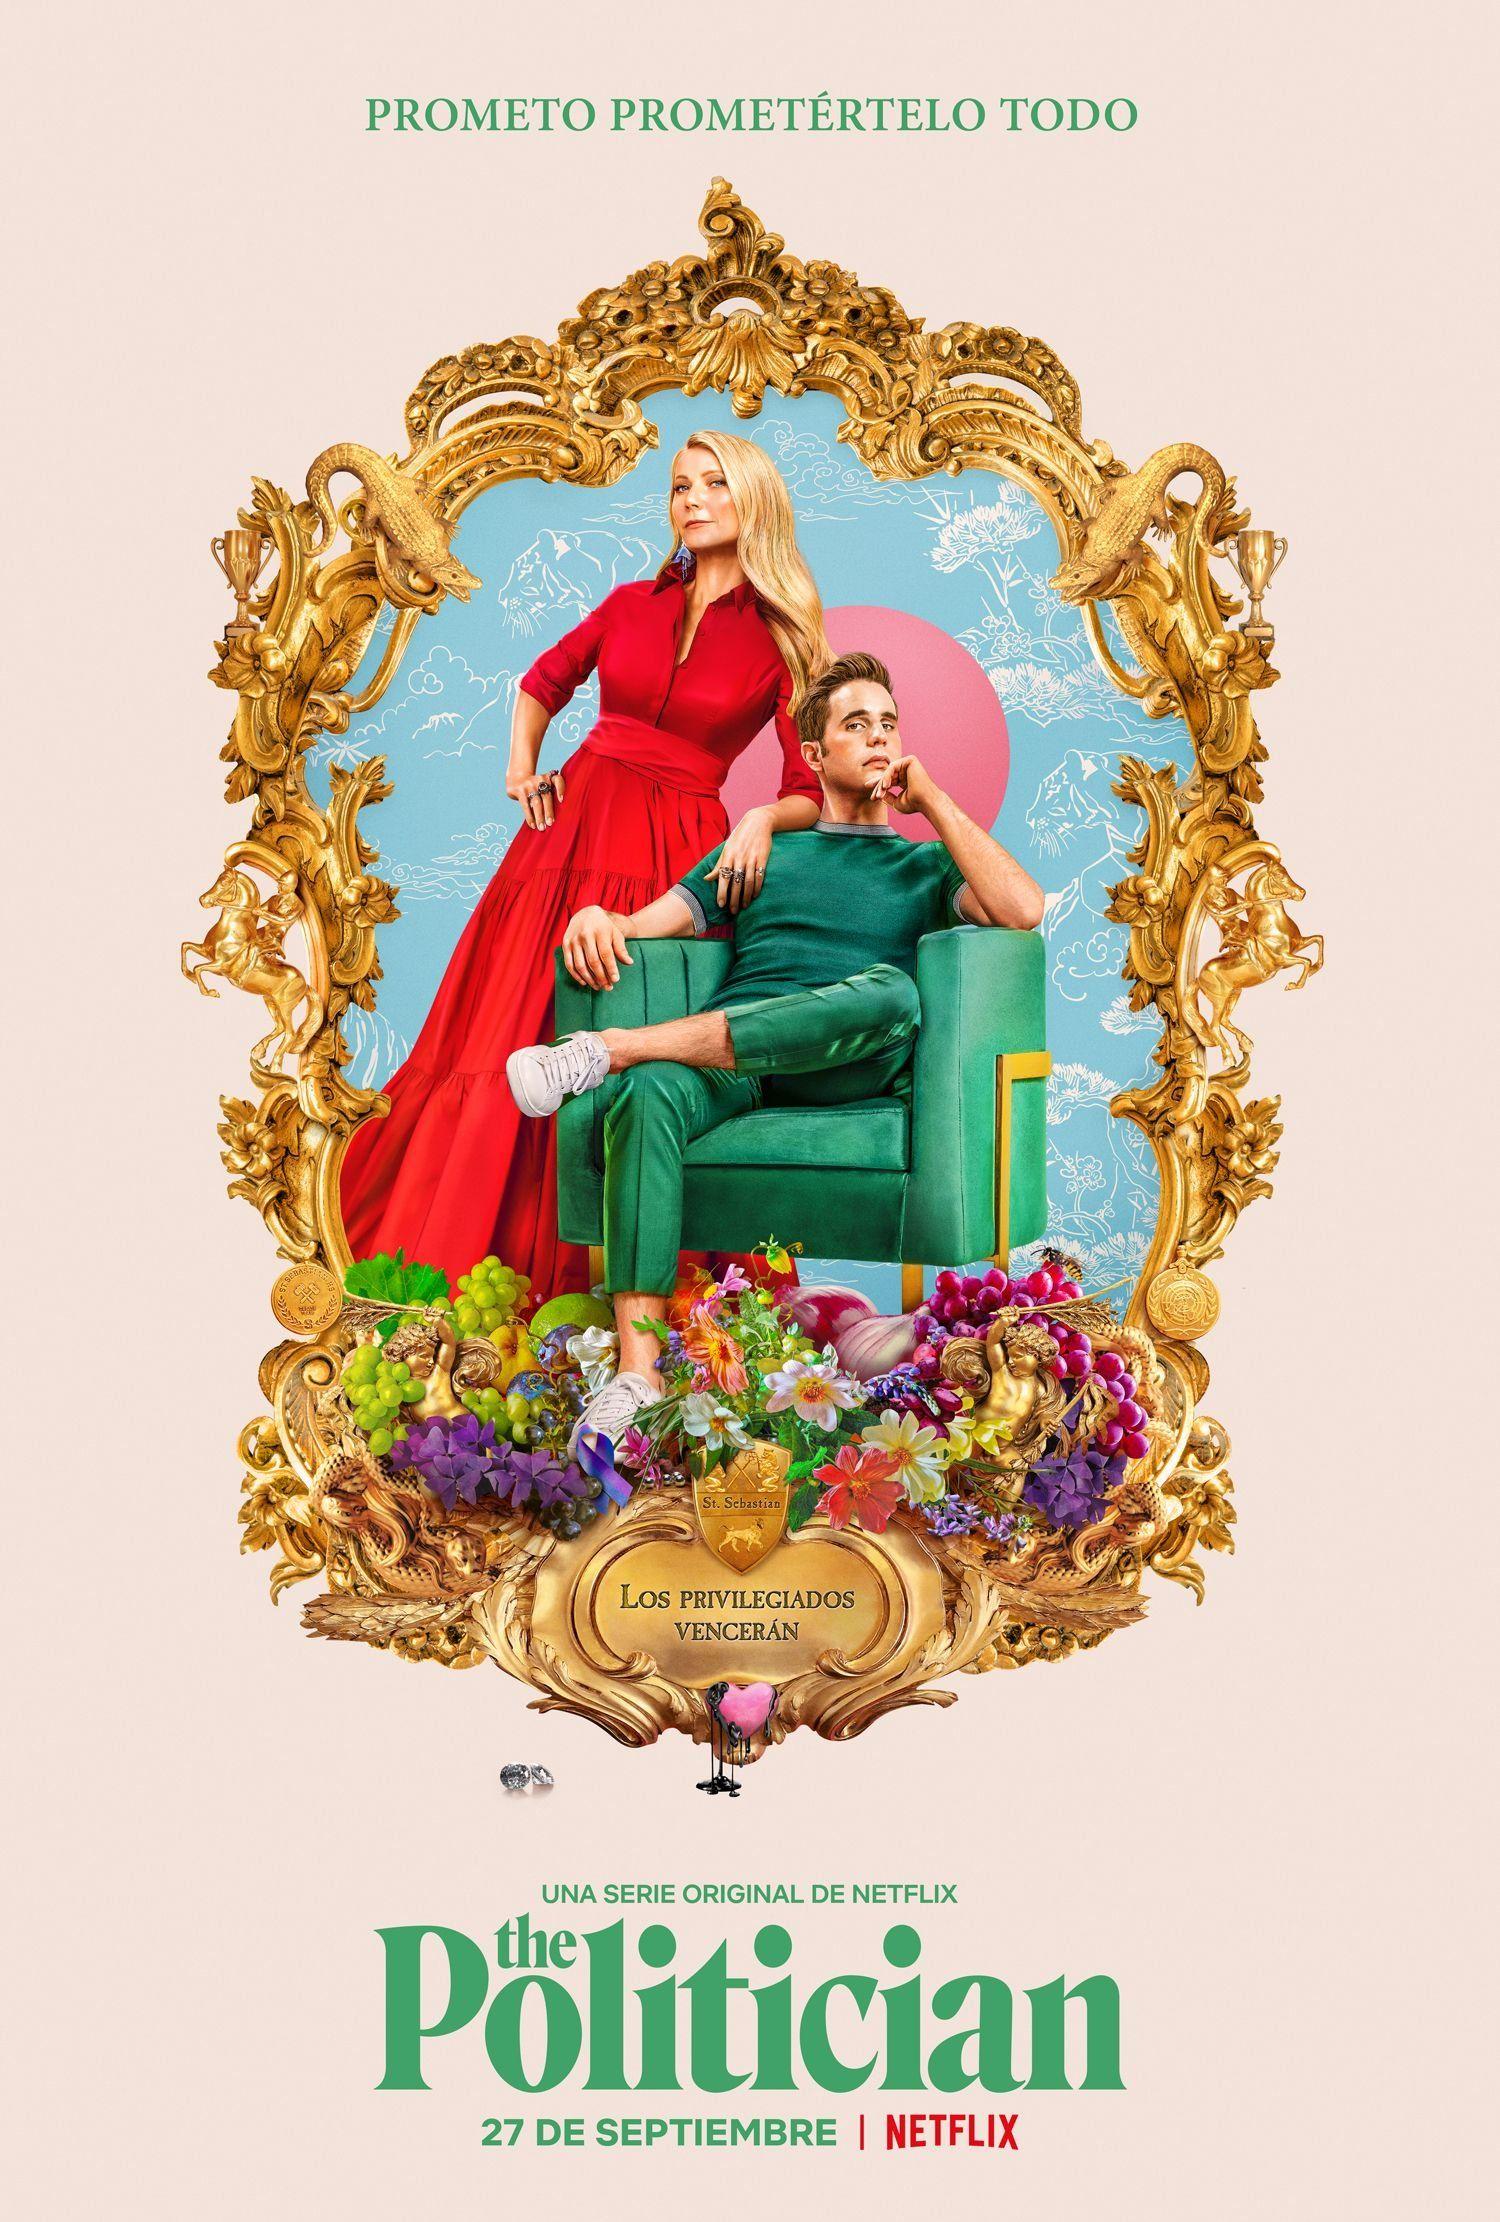 cartel de la serie de netflix The politician, donde se ve al protagonista sentado en un sofá y su madre de pie a su lado.